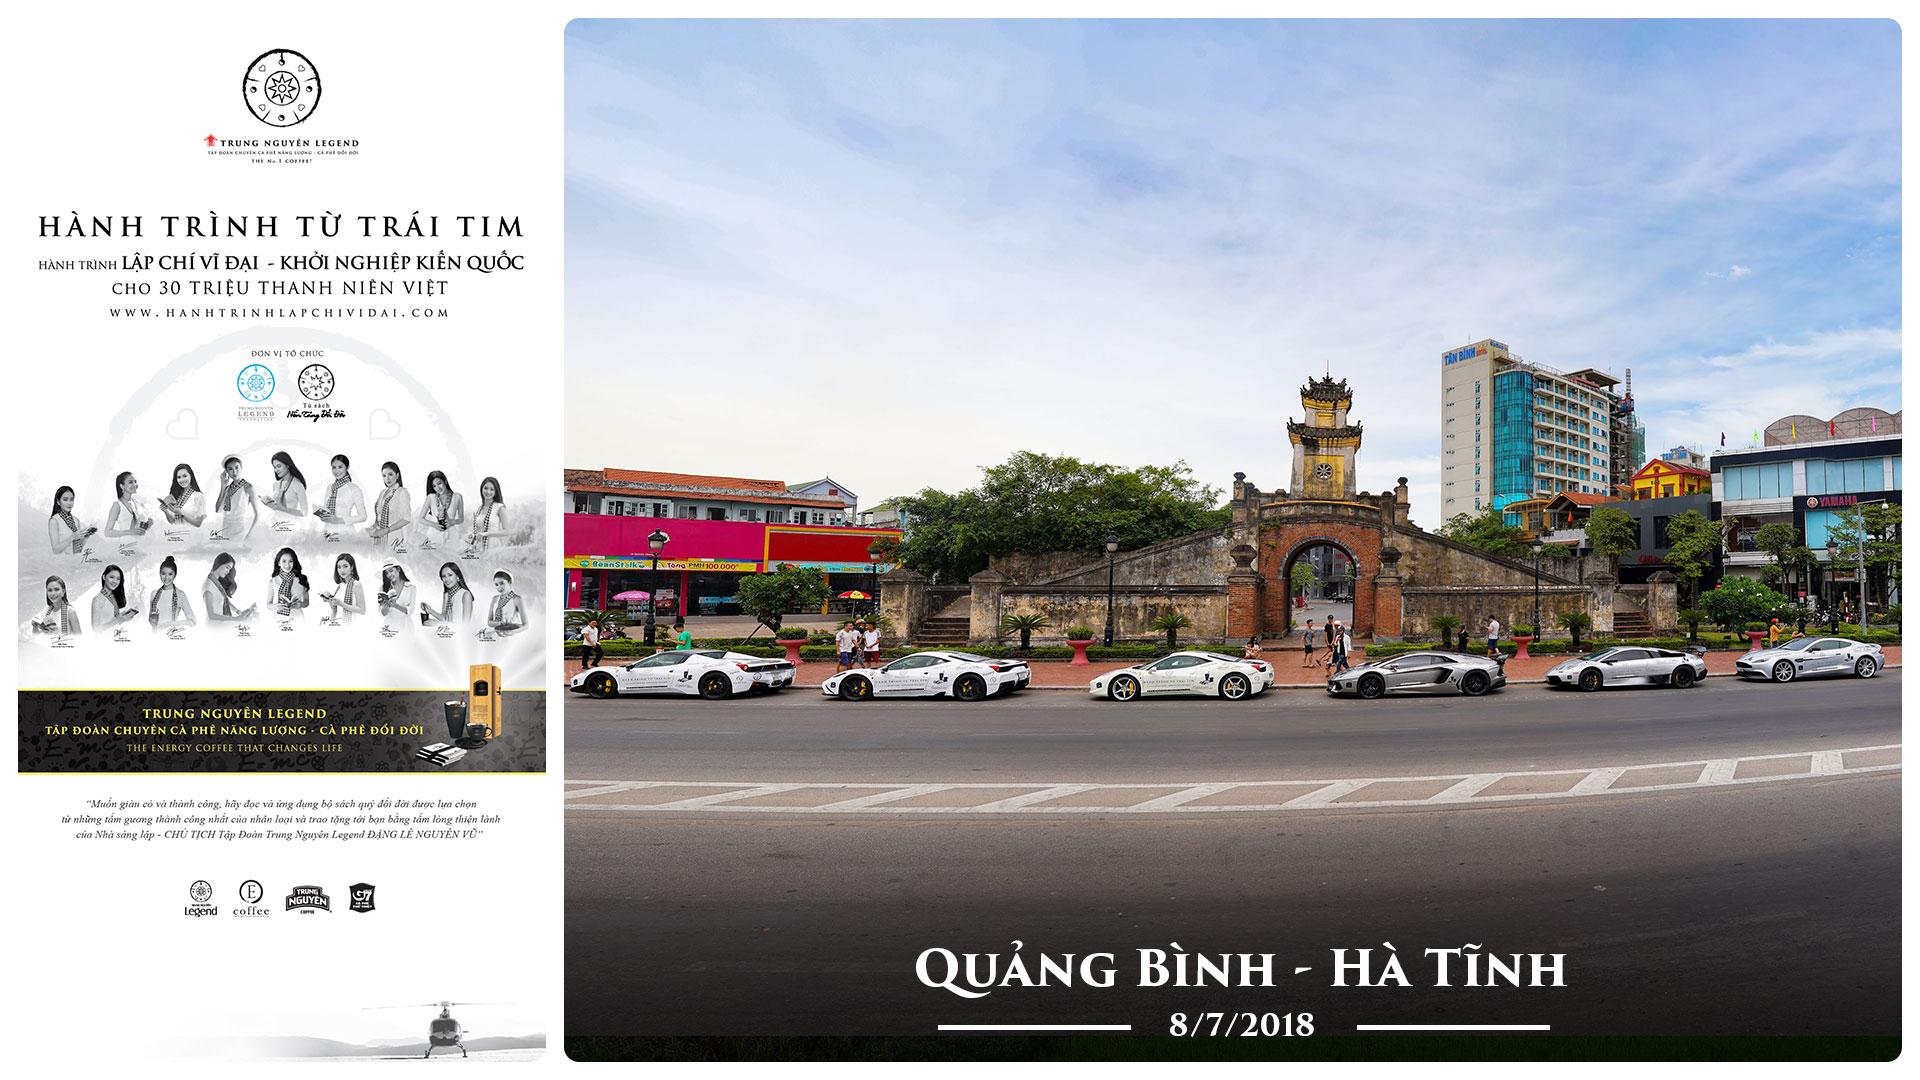 Nhật ký Hành Trình Từ Trái Tim – Ngày 8/7/2018 – Quảng Bình – Hà Tĩnh